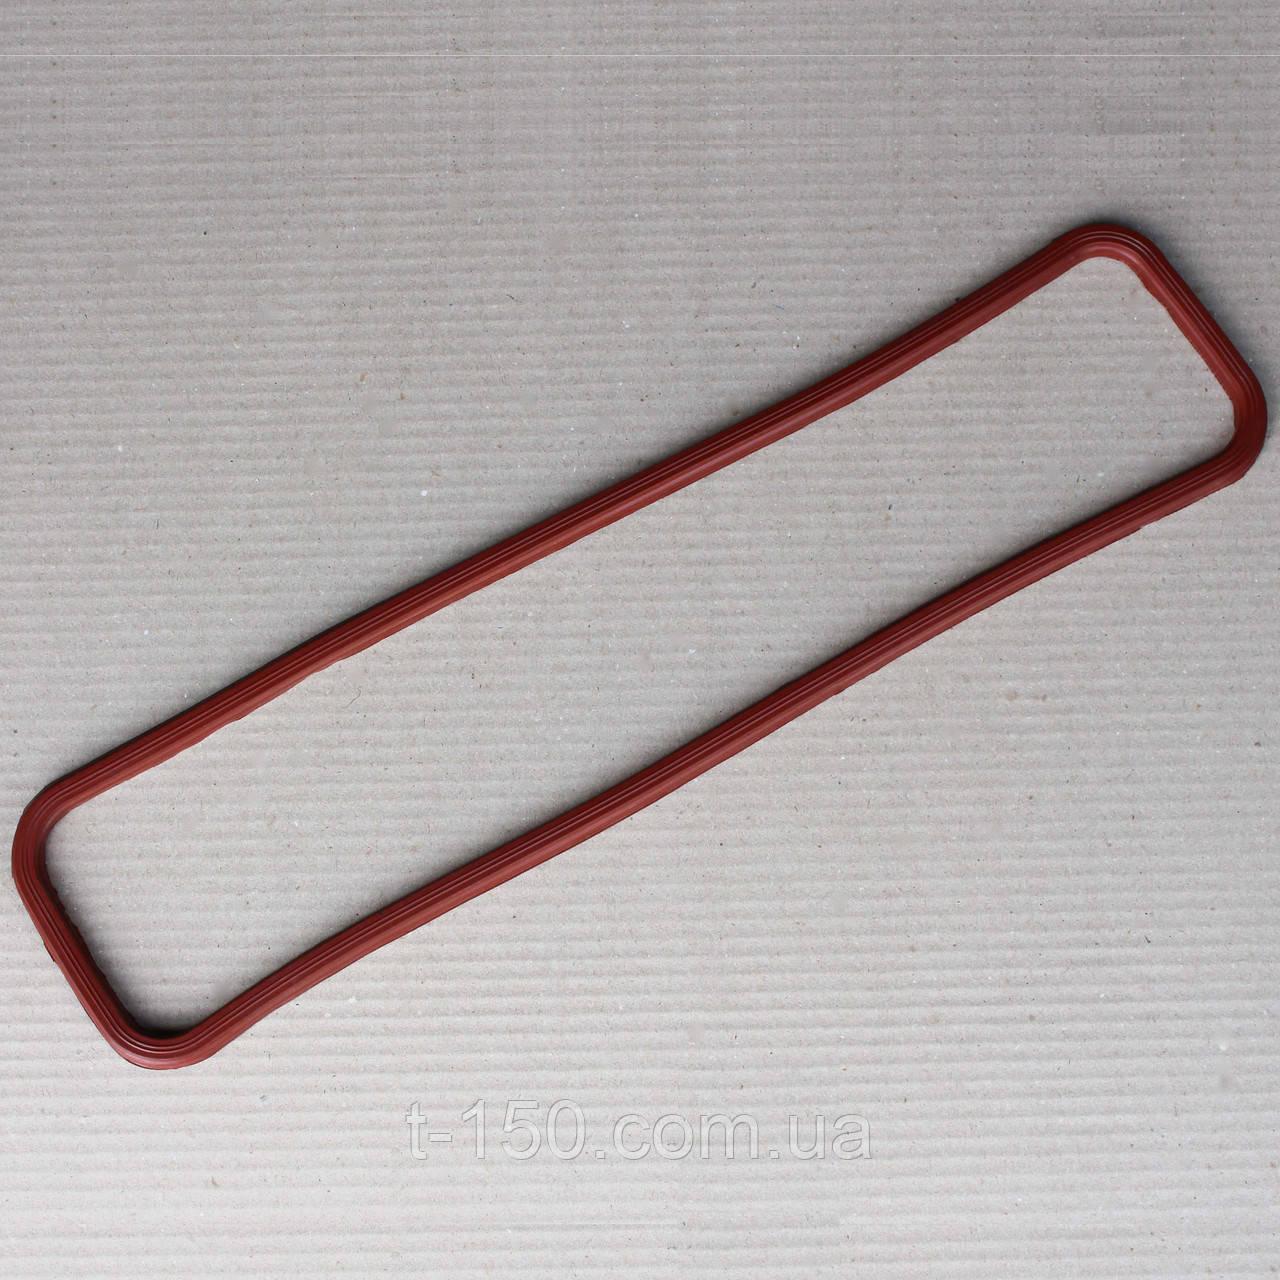 Прокладка клапанной крышки ГАЗ-53 красная резина